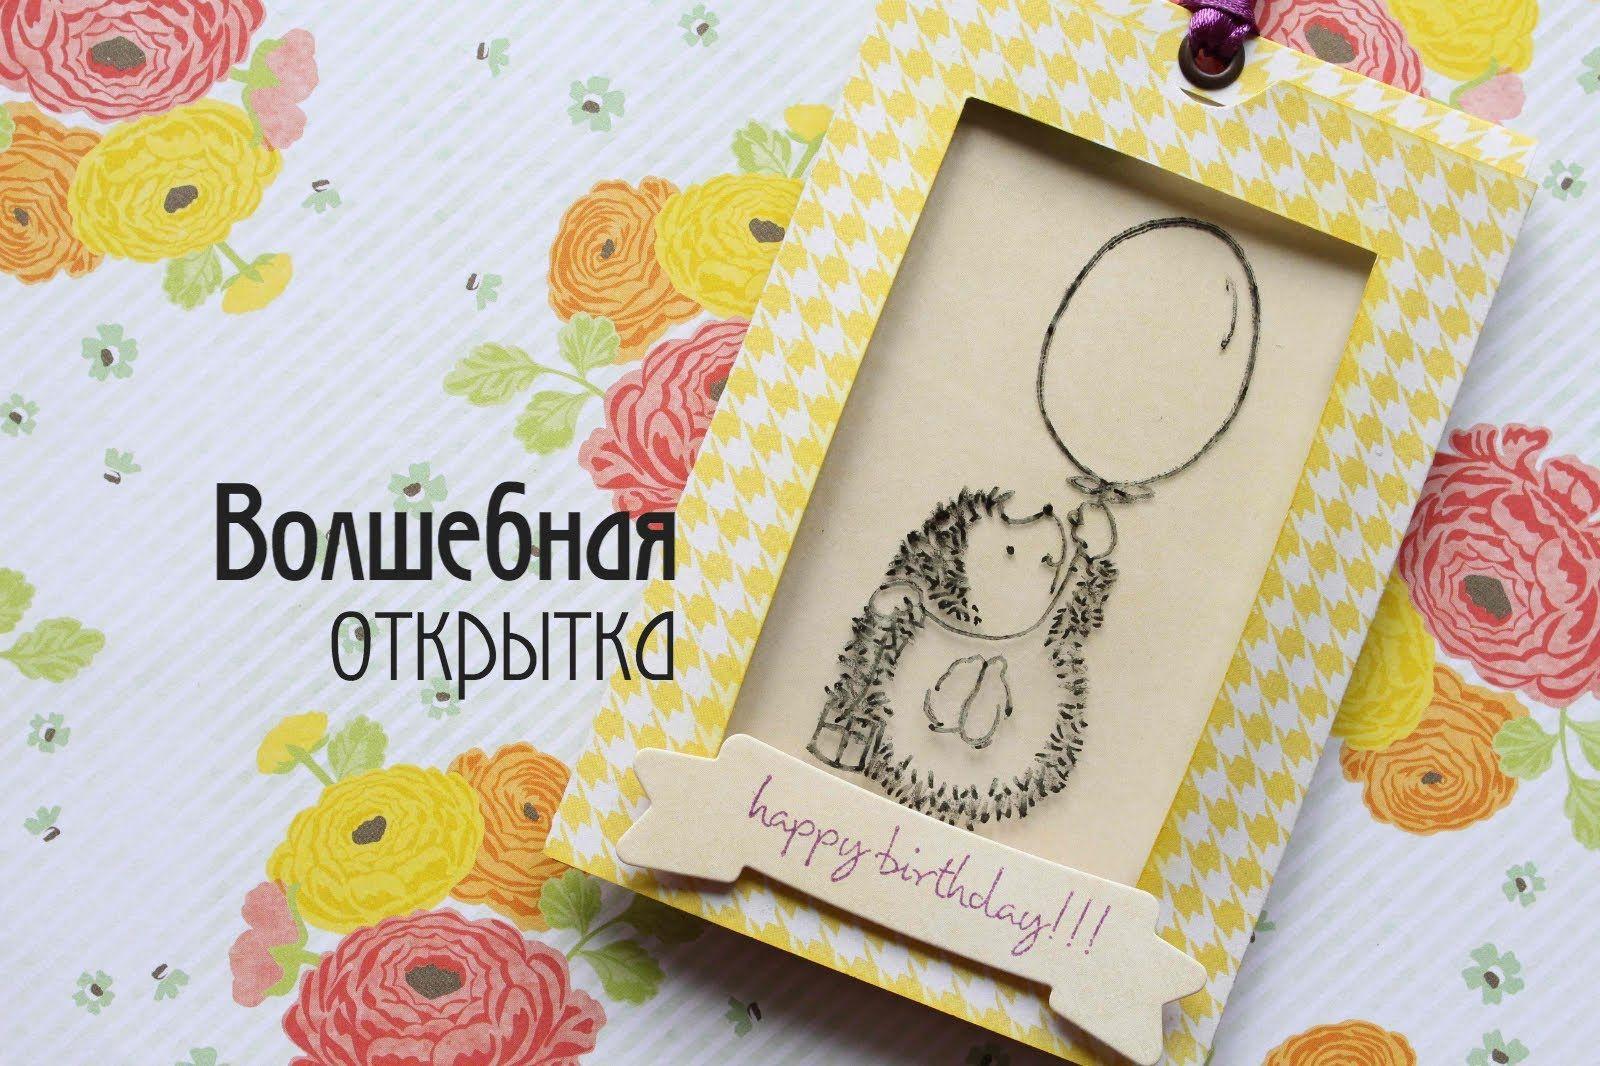 Волшебная открытка как сделать, оформлять открытку